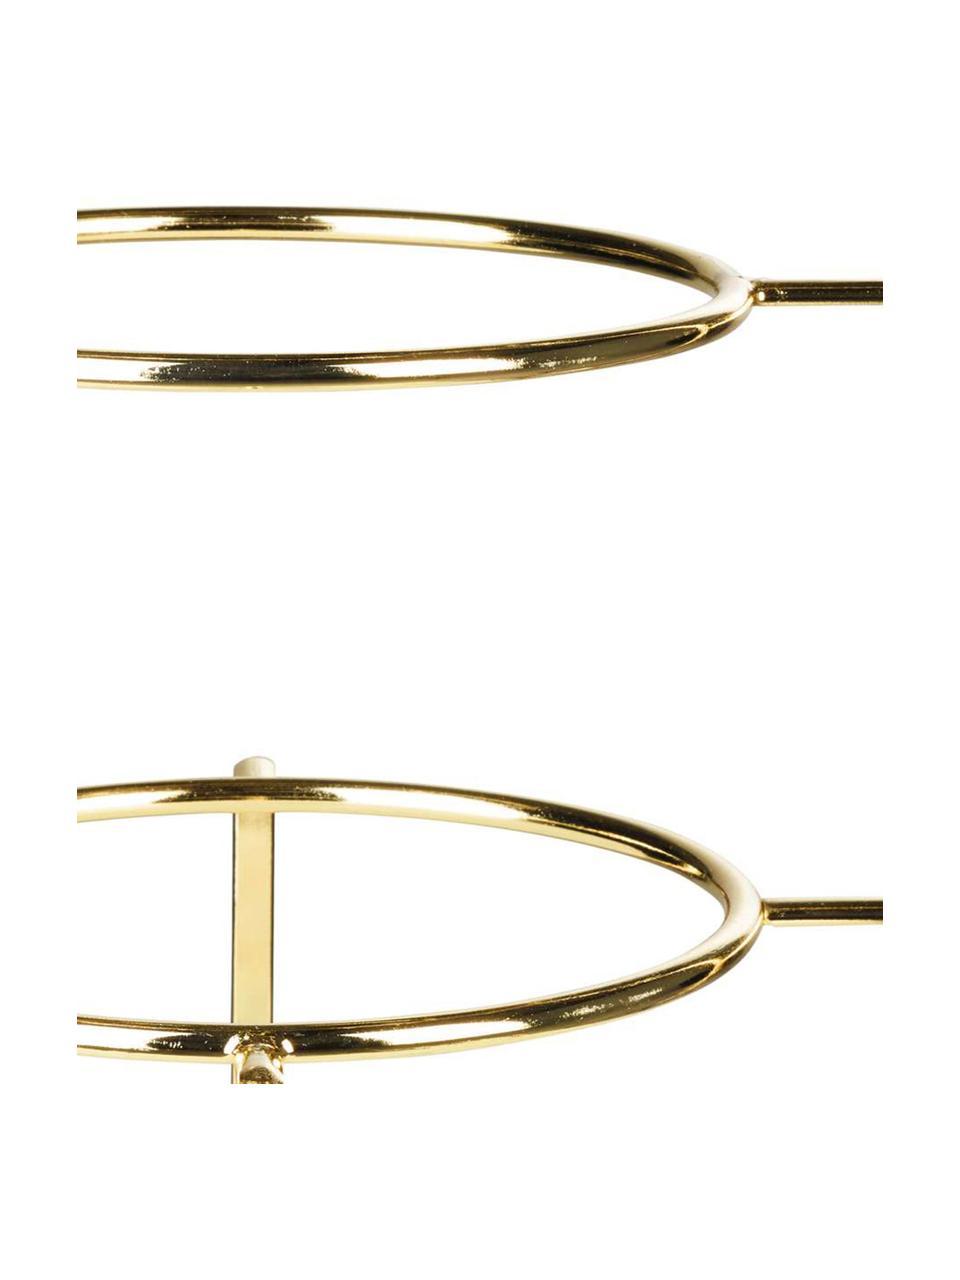 Etagère Oco in goudkleur, Ø 21 cm, Gecoat metaal, Goudkleurig, Ø 21 x H 37 cm